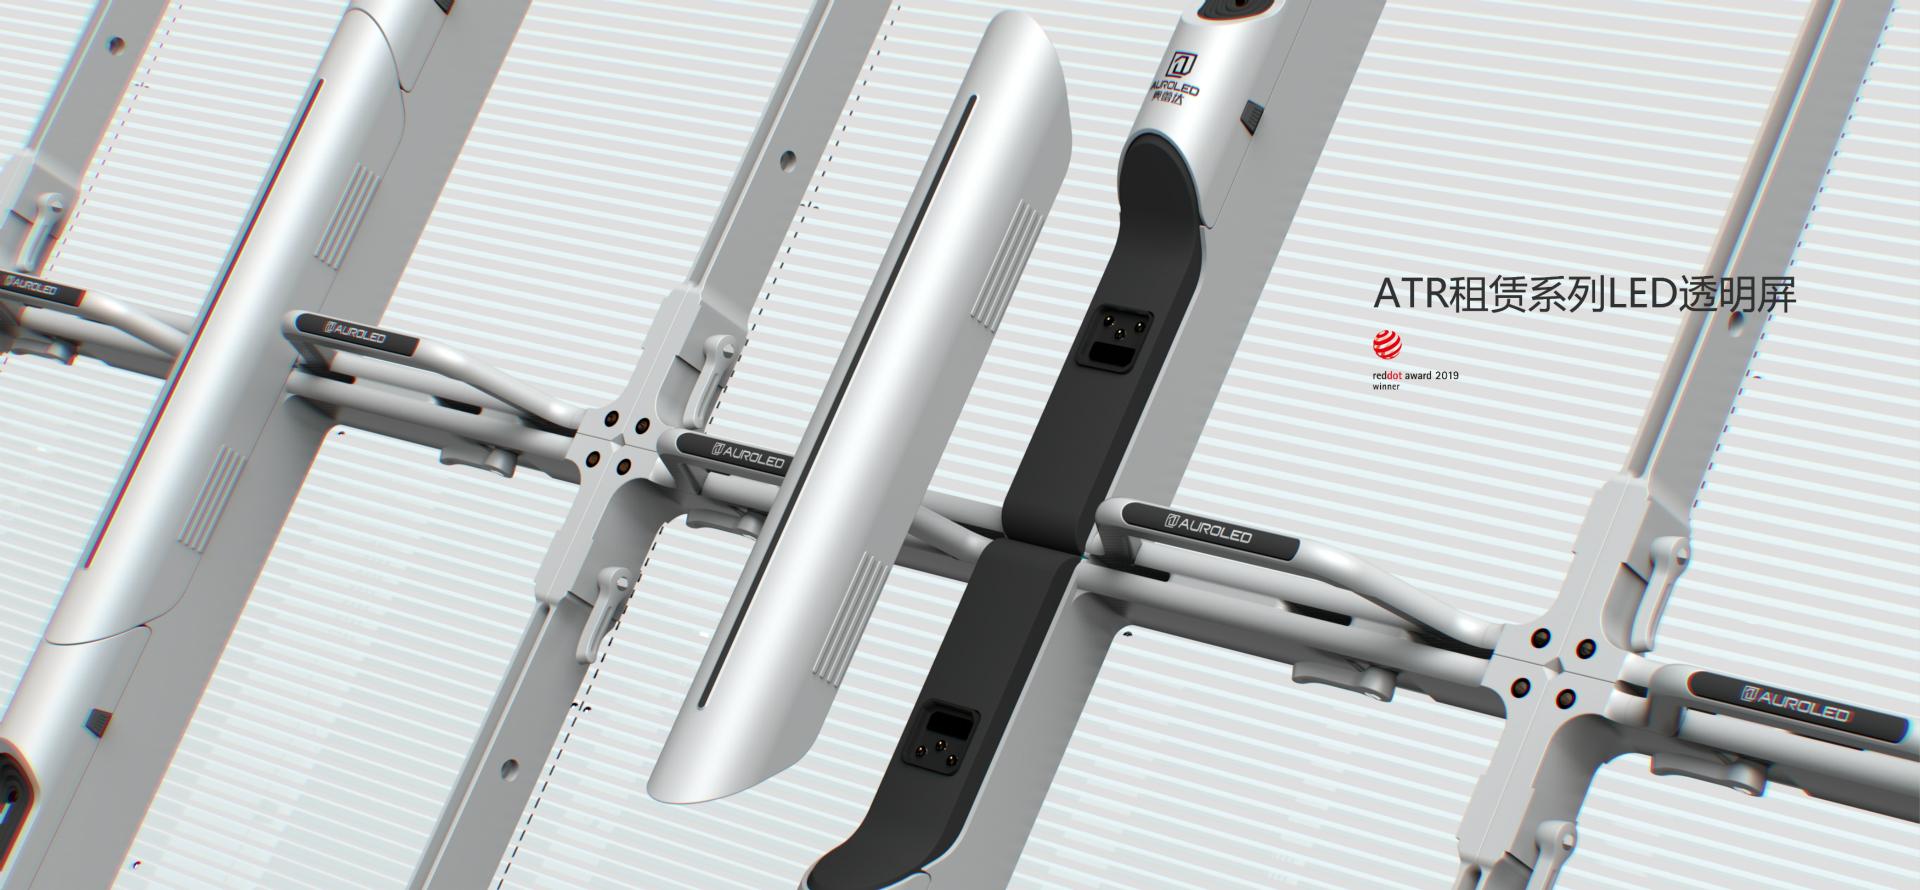 超轻薄、超通透、超便捷LED屏设计